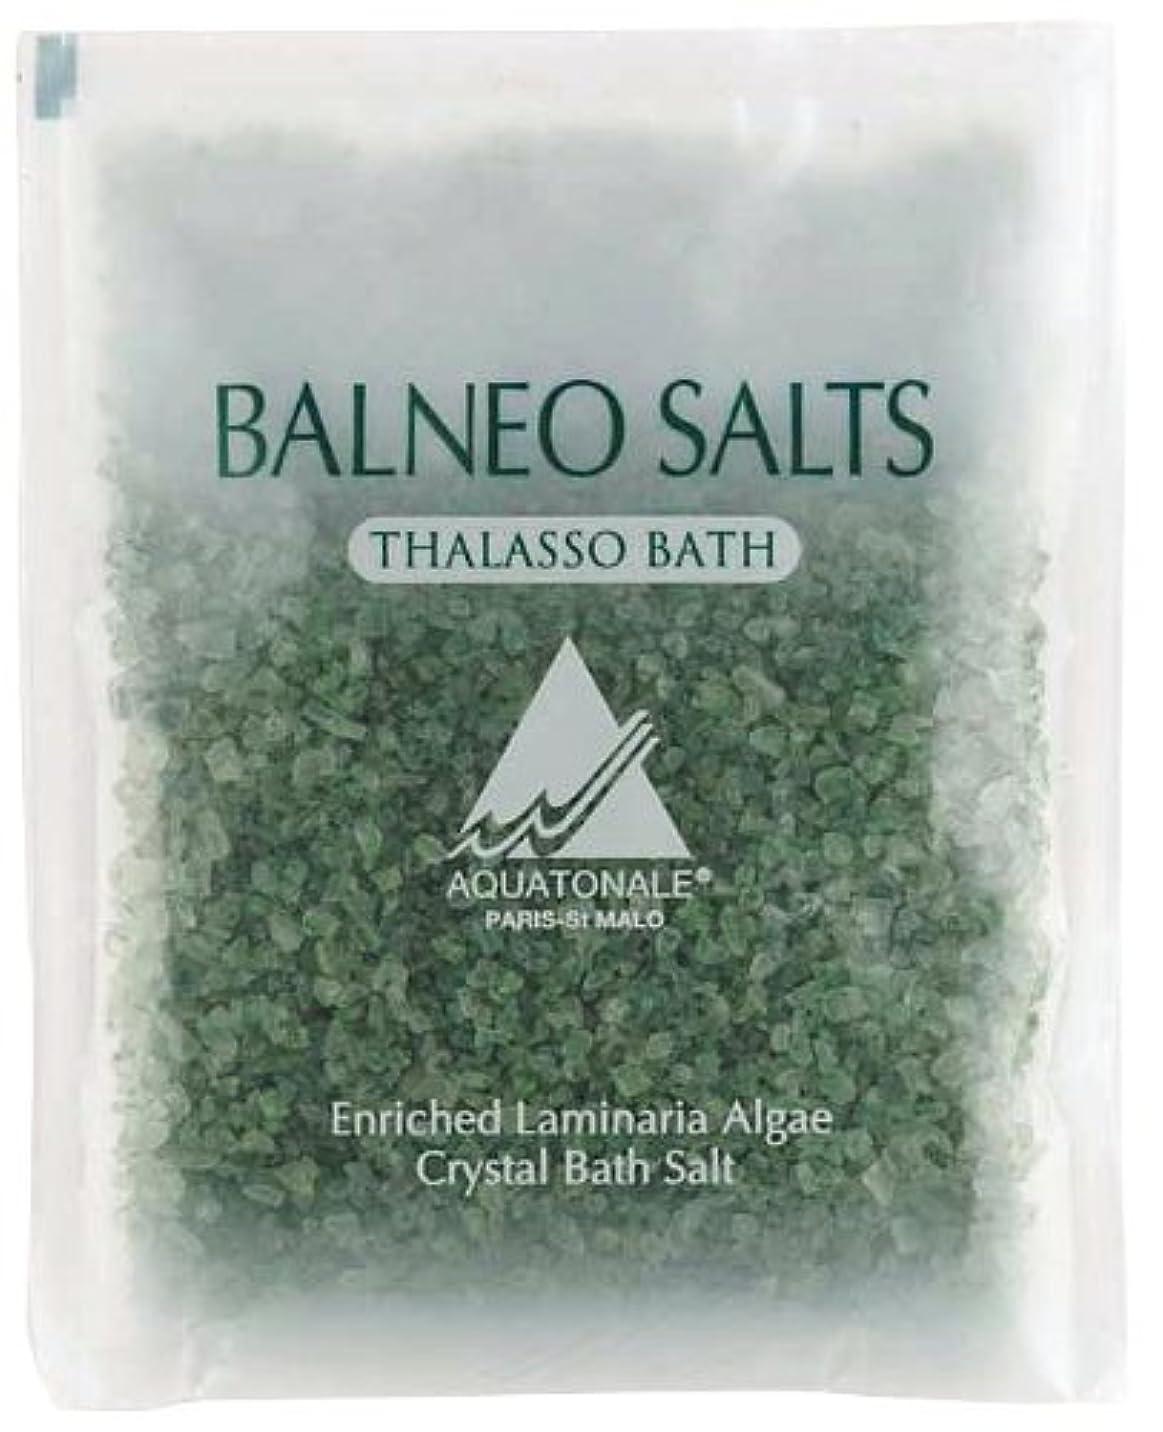 ジャンプ意見成熟した紀陽除虫菊 入浴剤 アクアトナル バルネオソルト